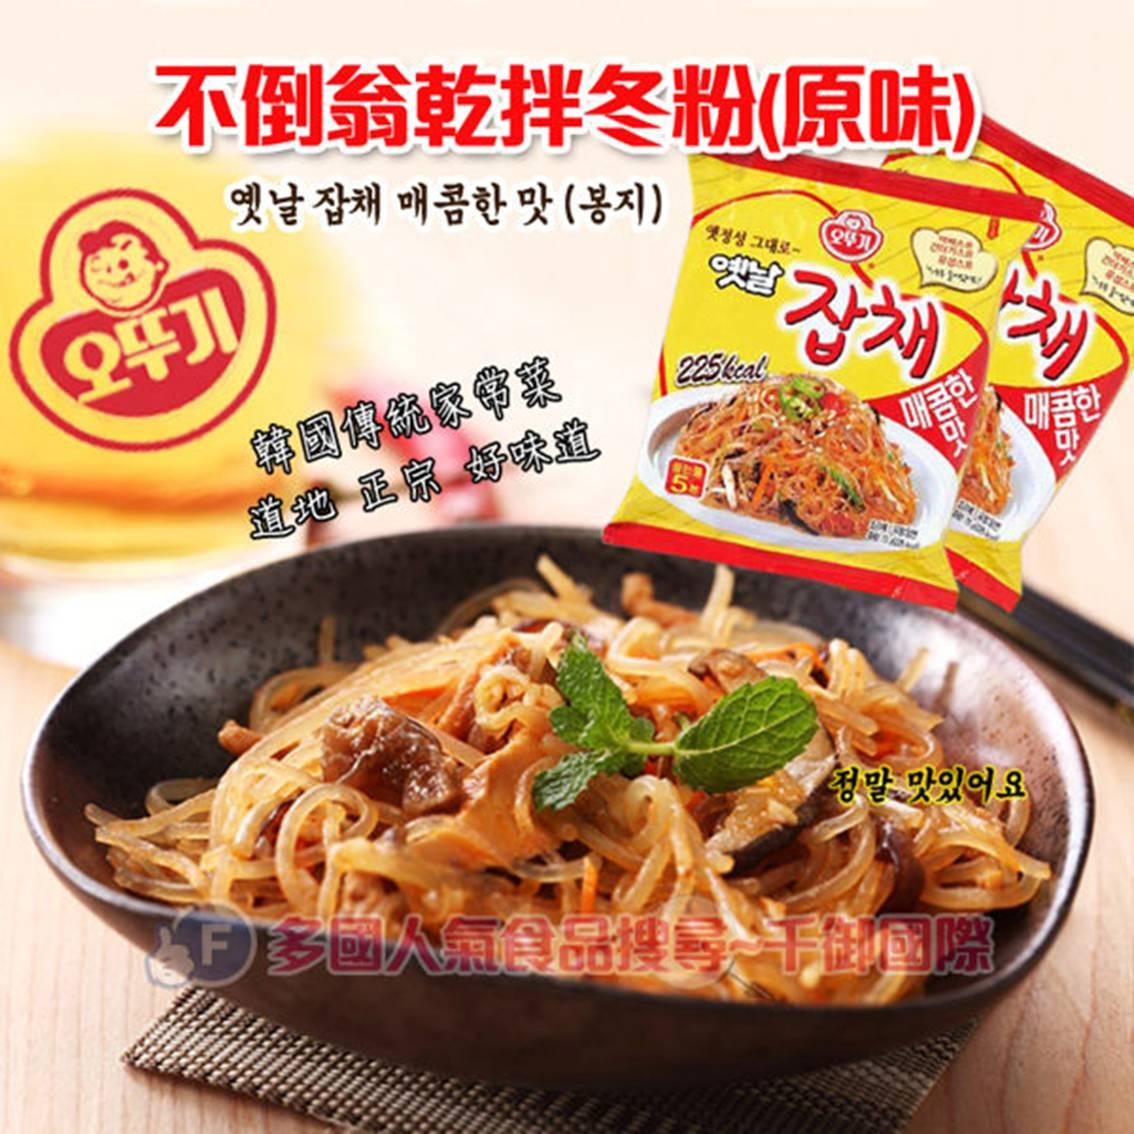 韓國不倒翁乾拌冬粉(原味) 泡麵 快煮麵 韓式雜菜 乾拌冬粉